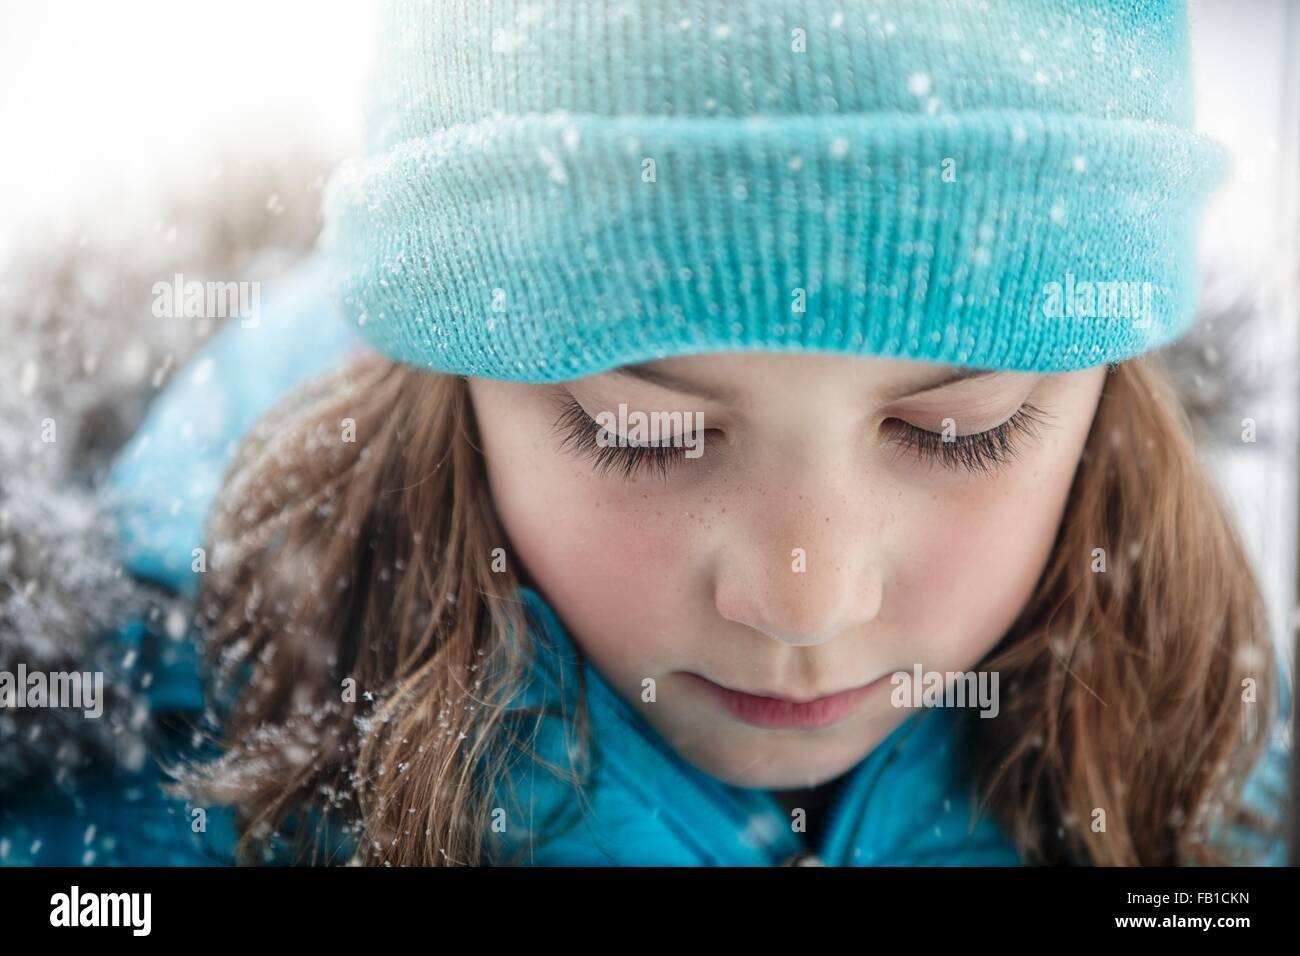 Close Up retrato de chica que llevaba knit hat mirando hacia abajo, nevando Imagen De Stock